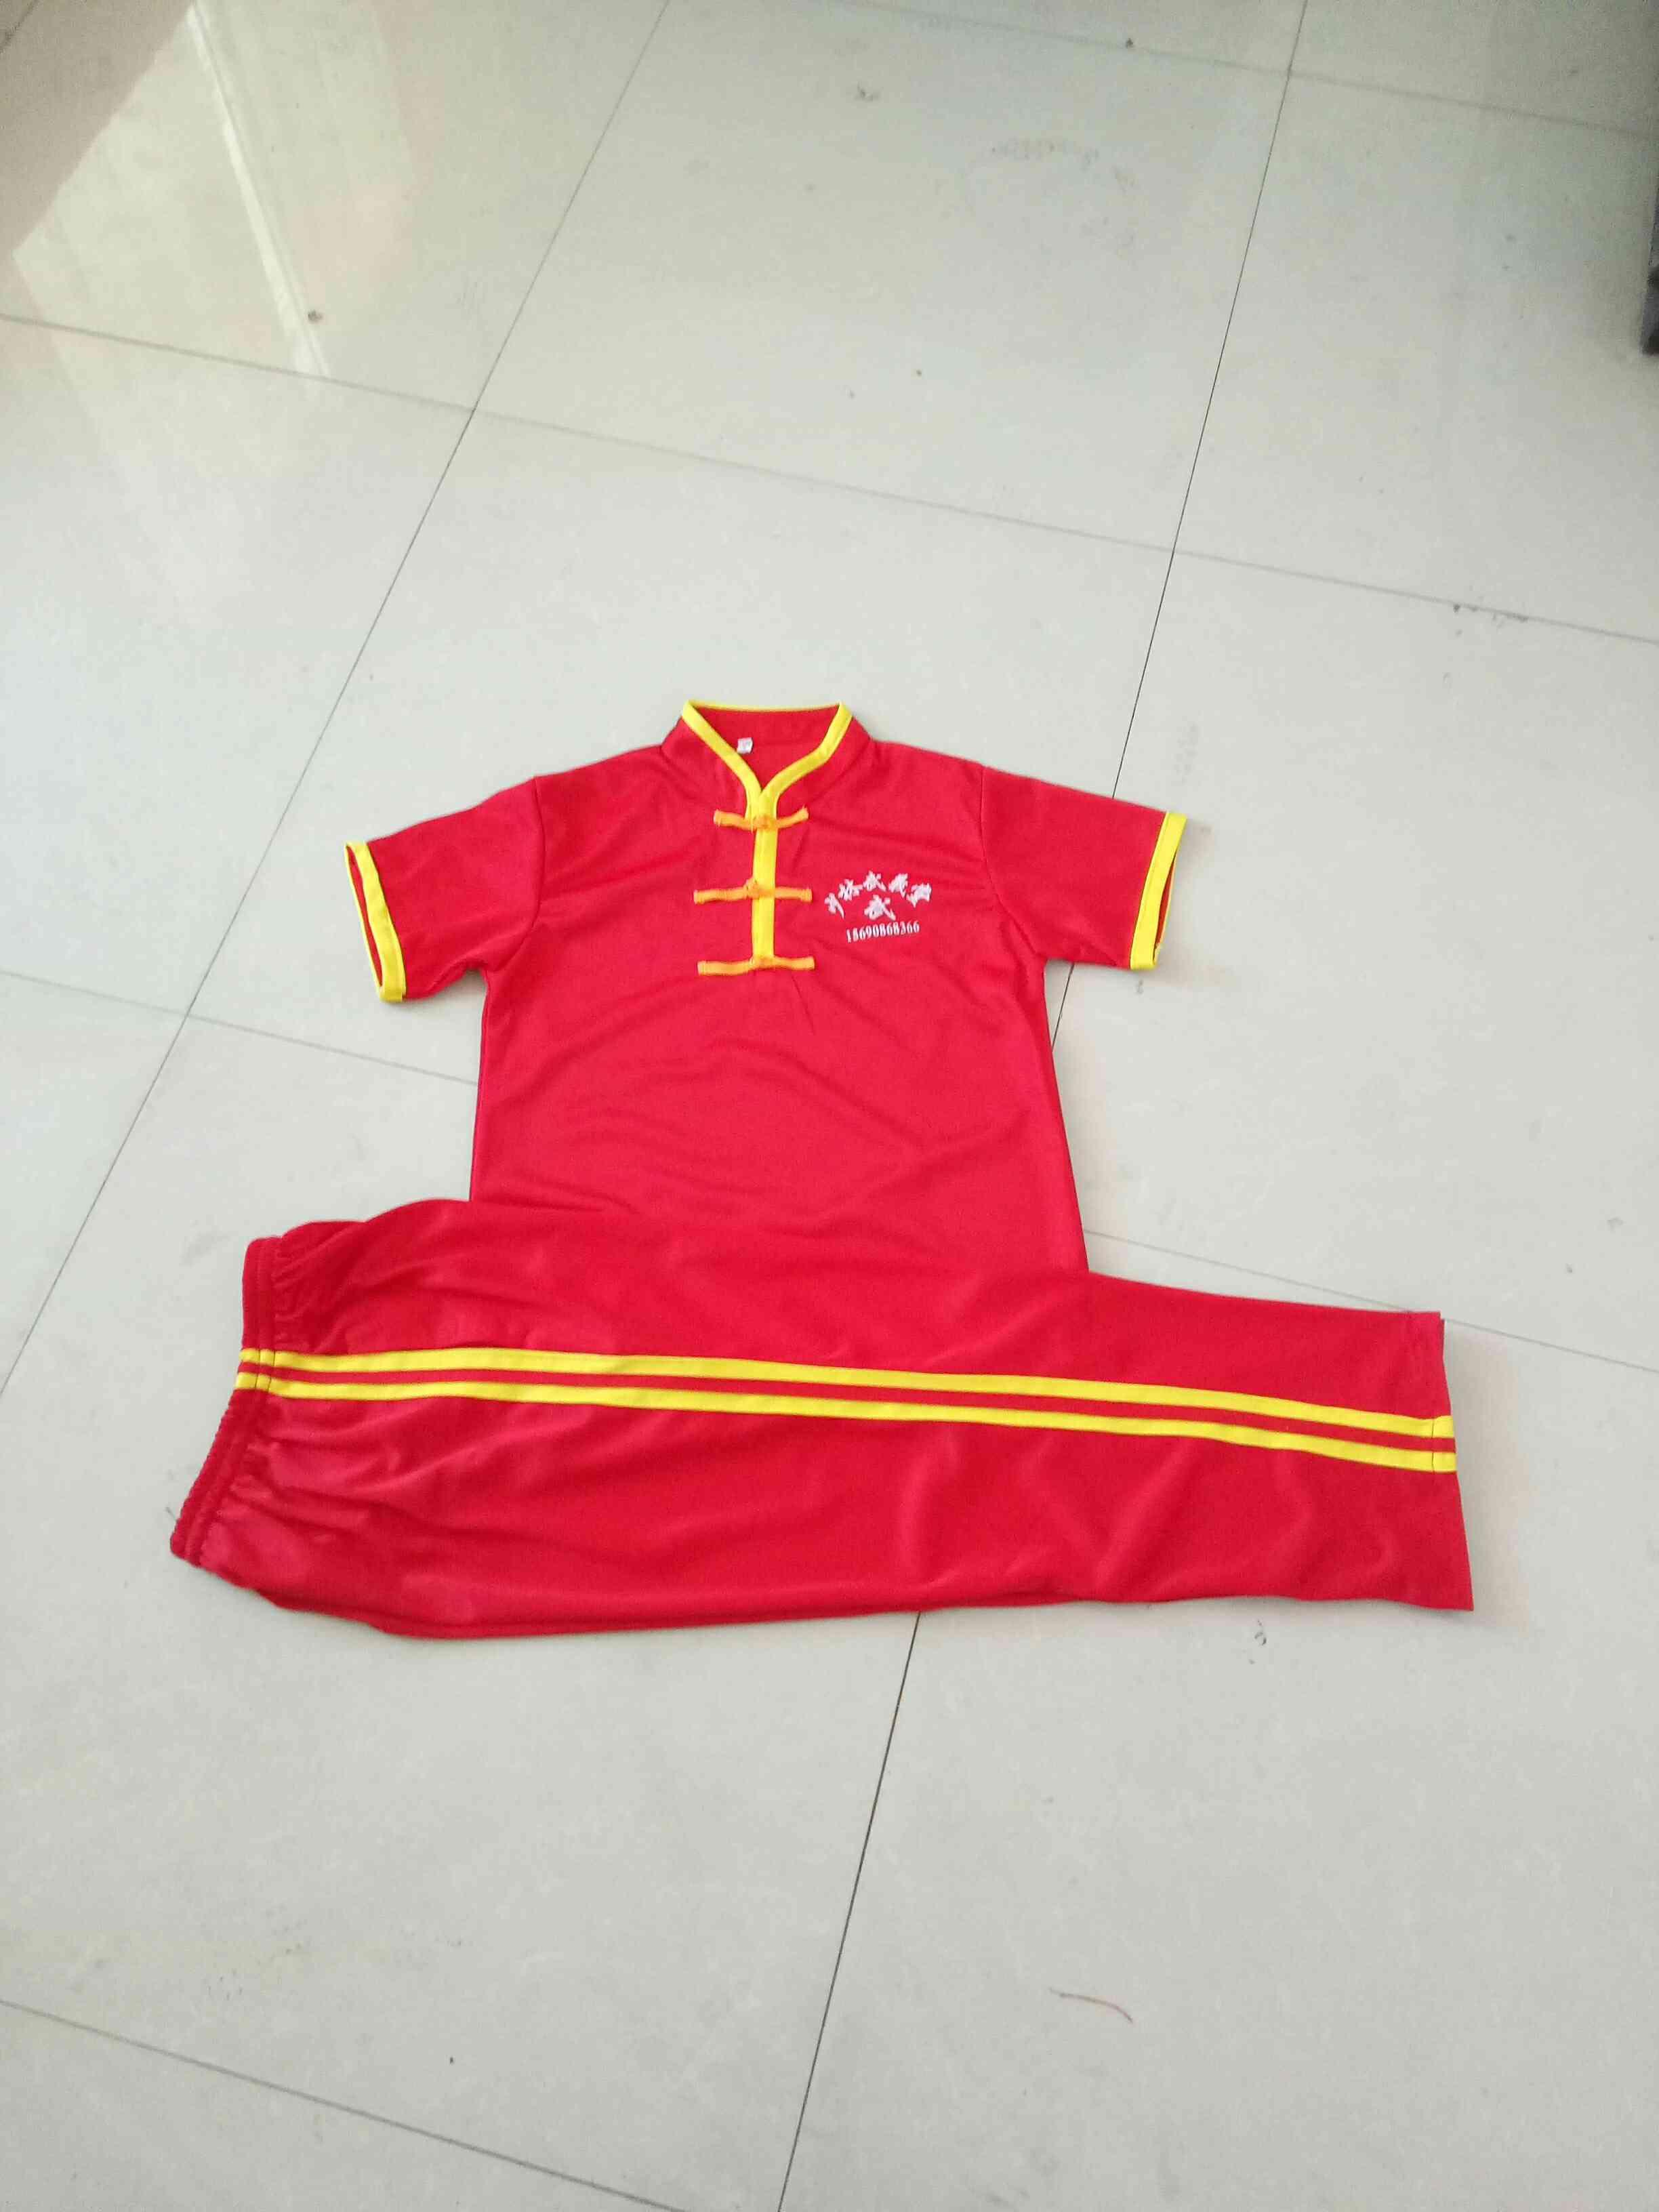 武術の制服夏の半袖ランニングフィットネス服薄い運動服のスタンドカラーの中国式バックルLOGO印の館名